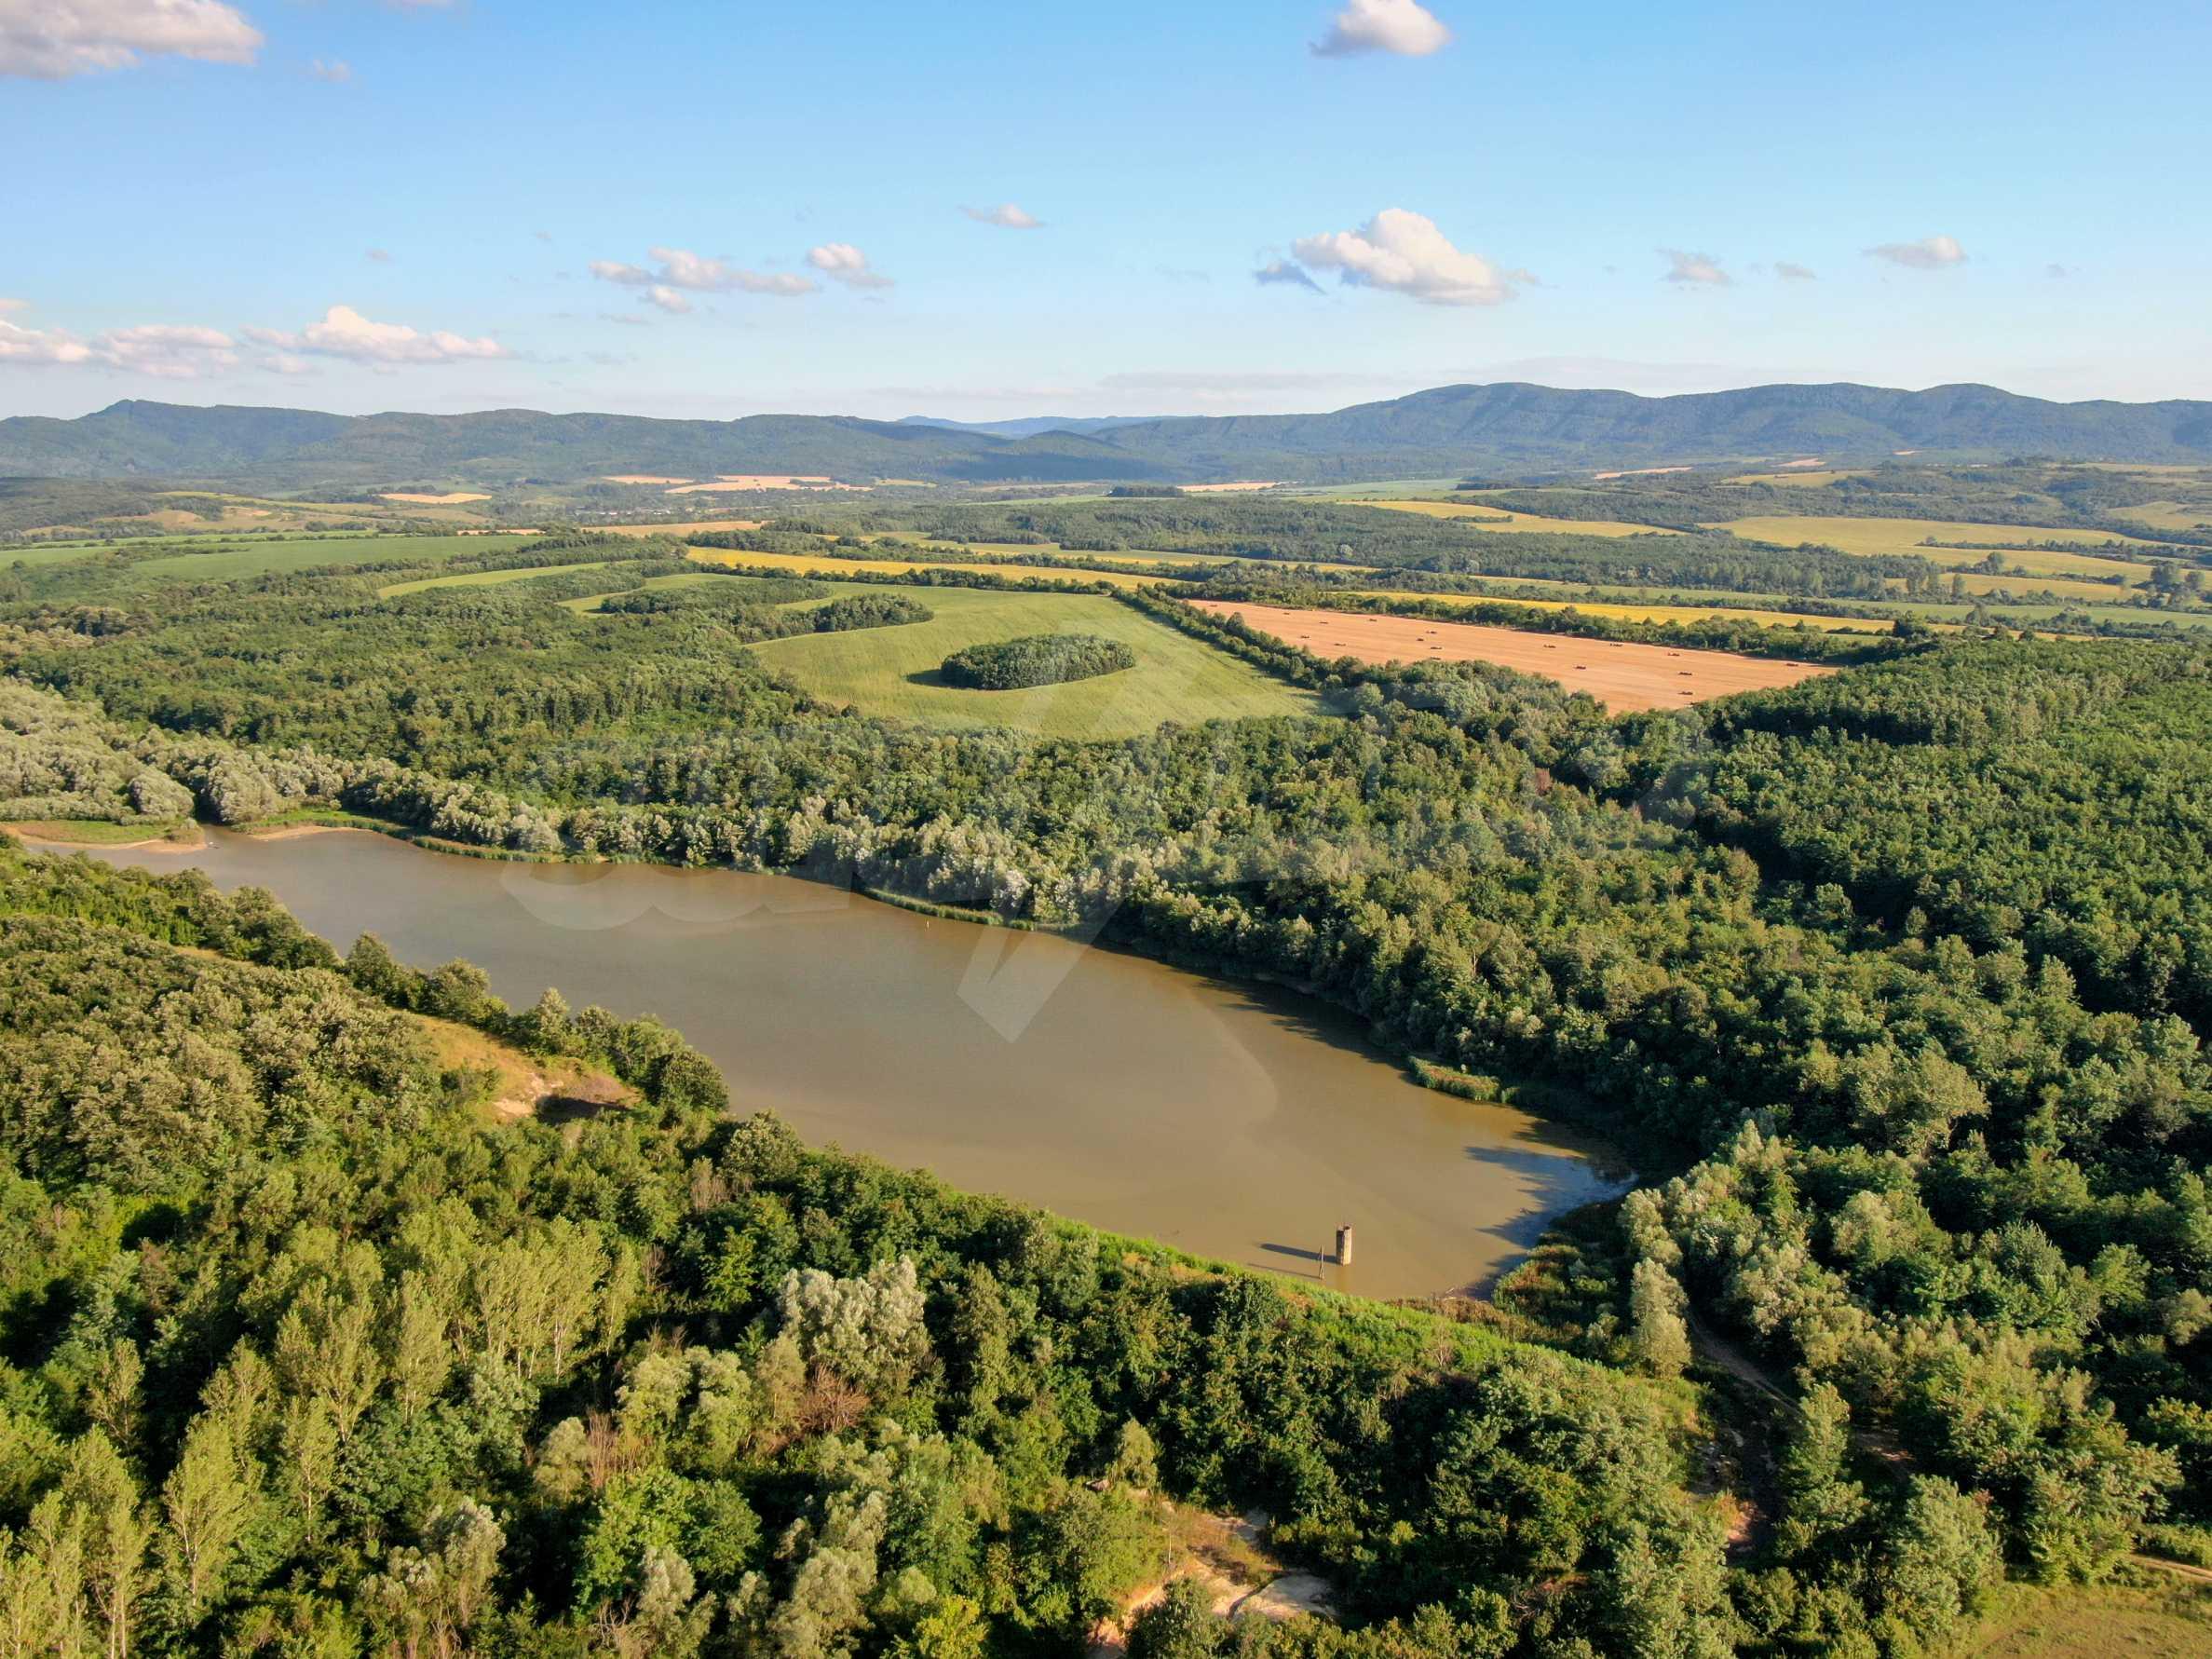 Damm mit angrenzendem Land 7 km von Veliko Tarnovo entfernt 2